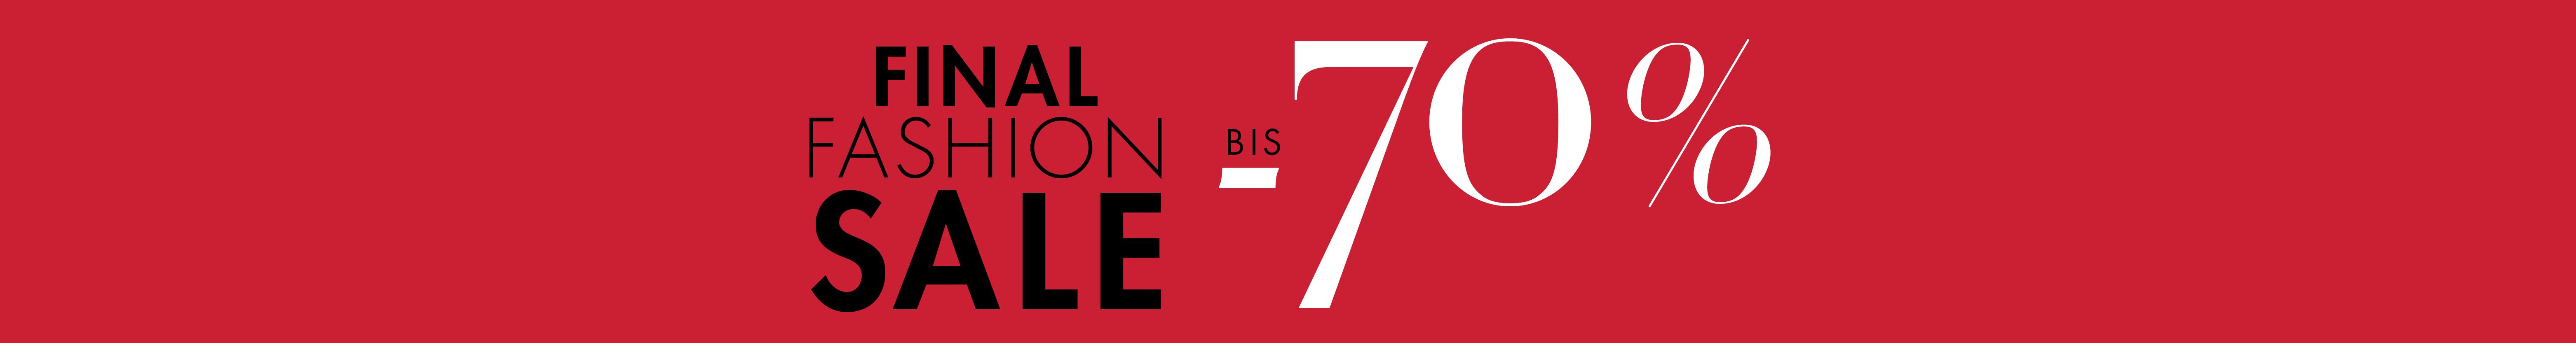 Amazon Final Fashion Sale bis -70%